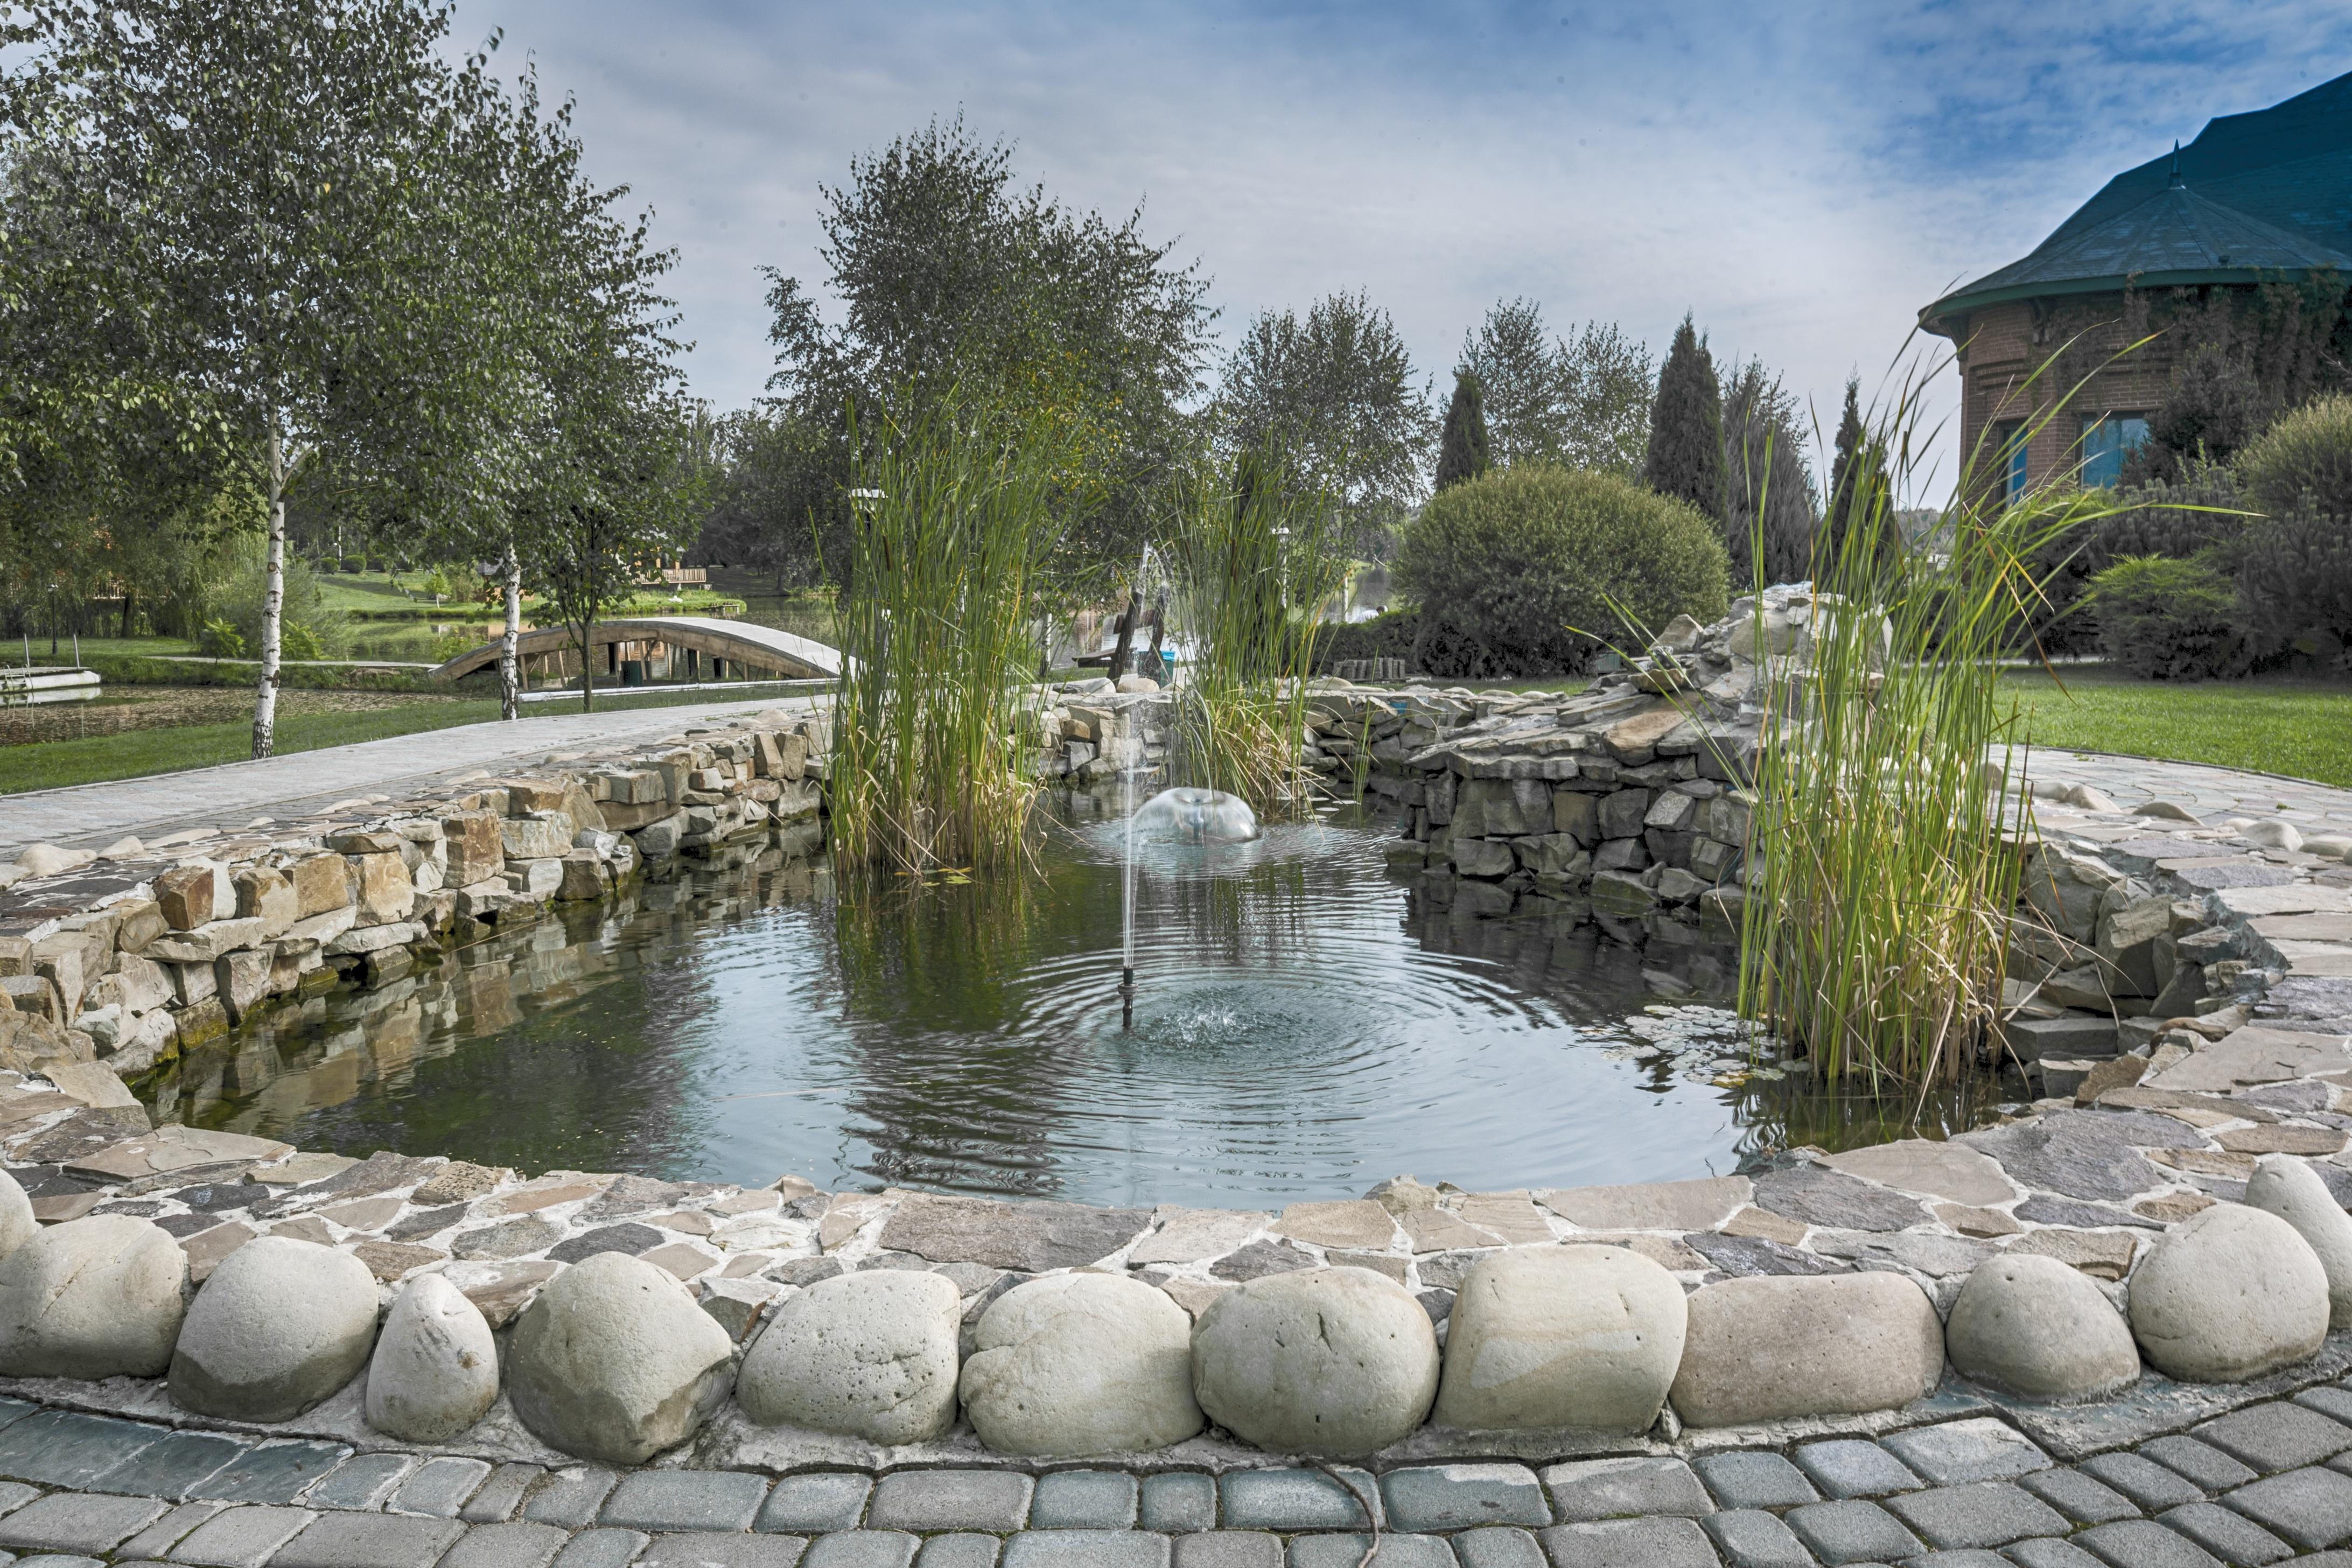 landschaft landschaft teich pool park hinterhof garten wasserweg brunnen knstlich immobilien wasser funktion reflektierender pool - Hinterhof Landschaften Bilder